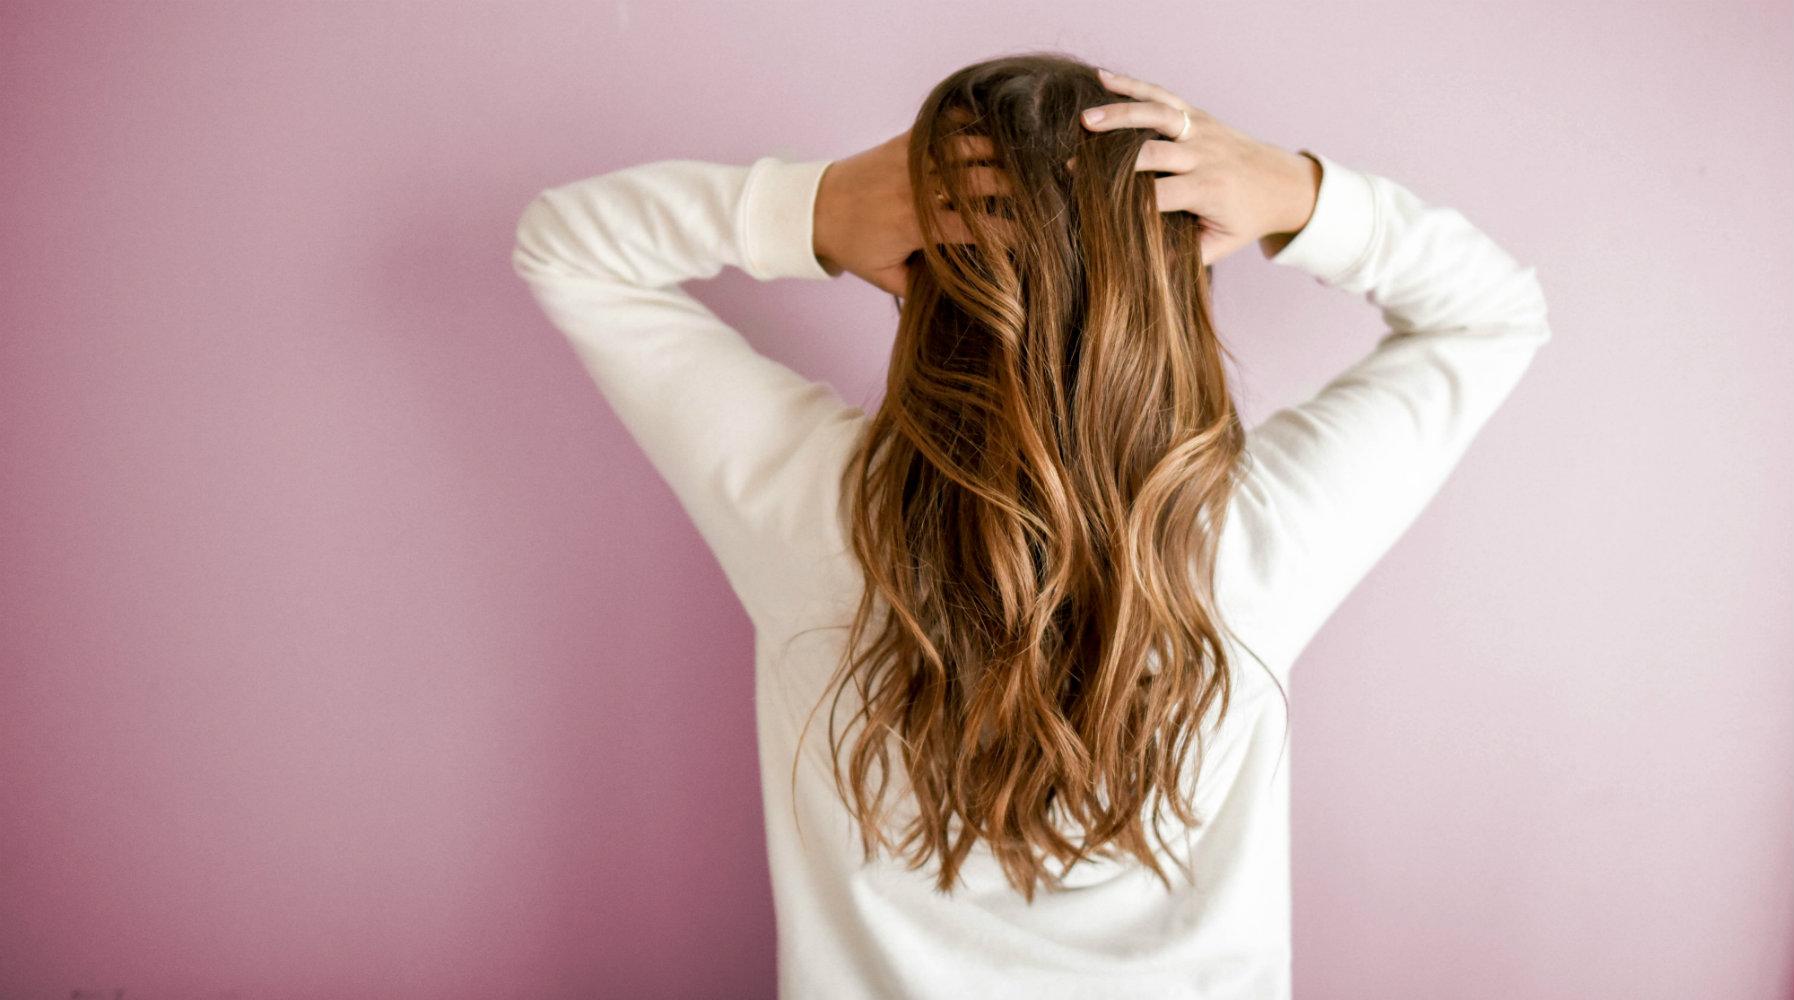 Menjaga Kesehatan Rambut dan Kulit Kepala